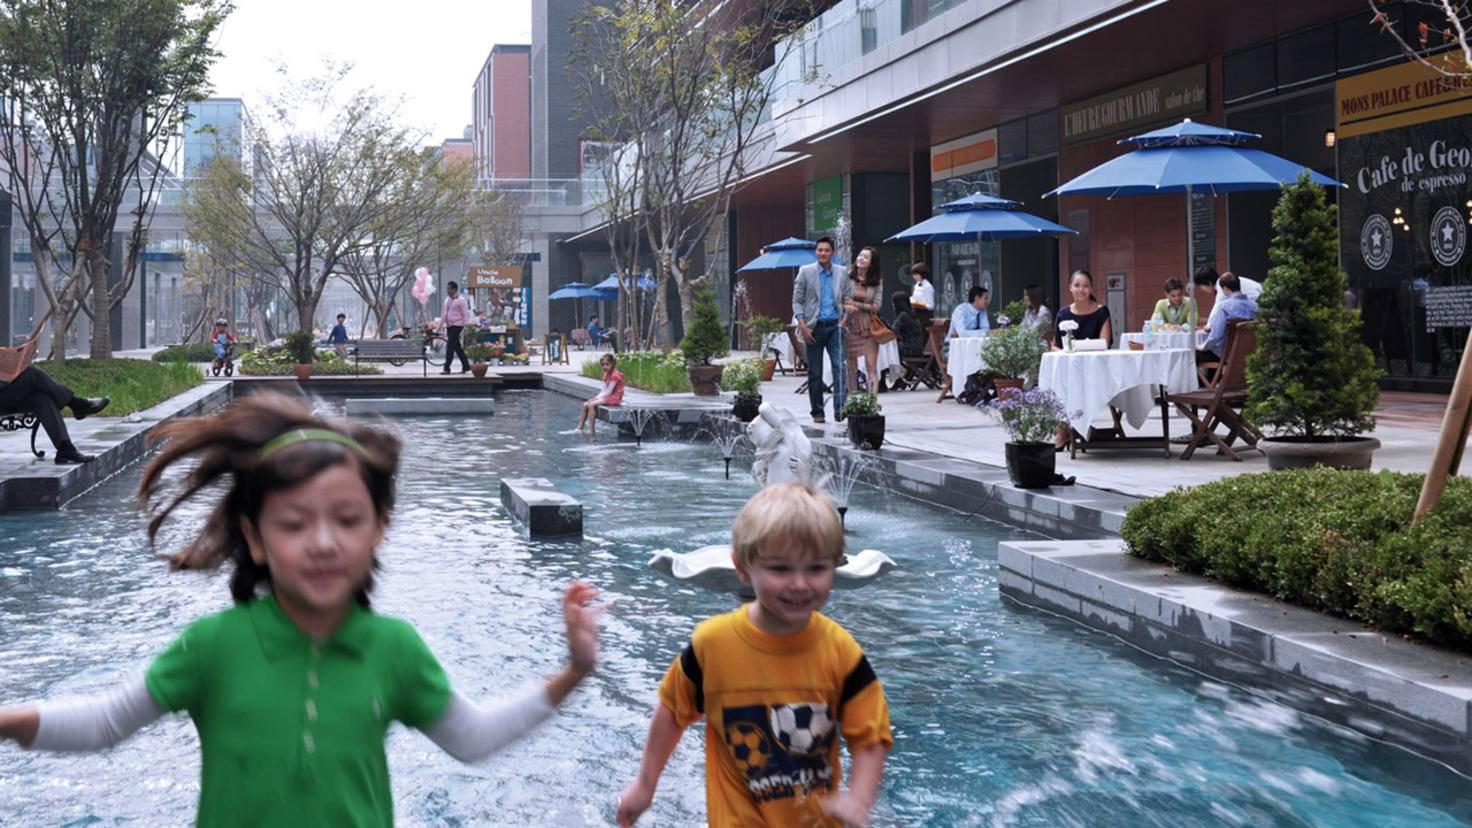 Shopping: Der NC Cube Canal Walk in Songdo ist eine Mall entlang eines künstlichen Kanals.